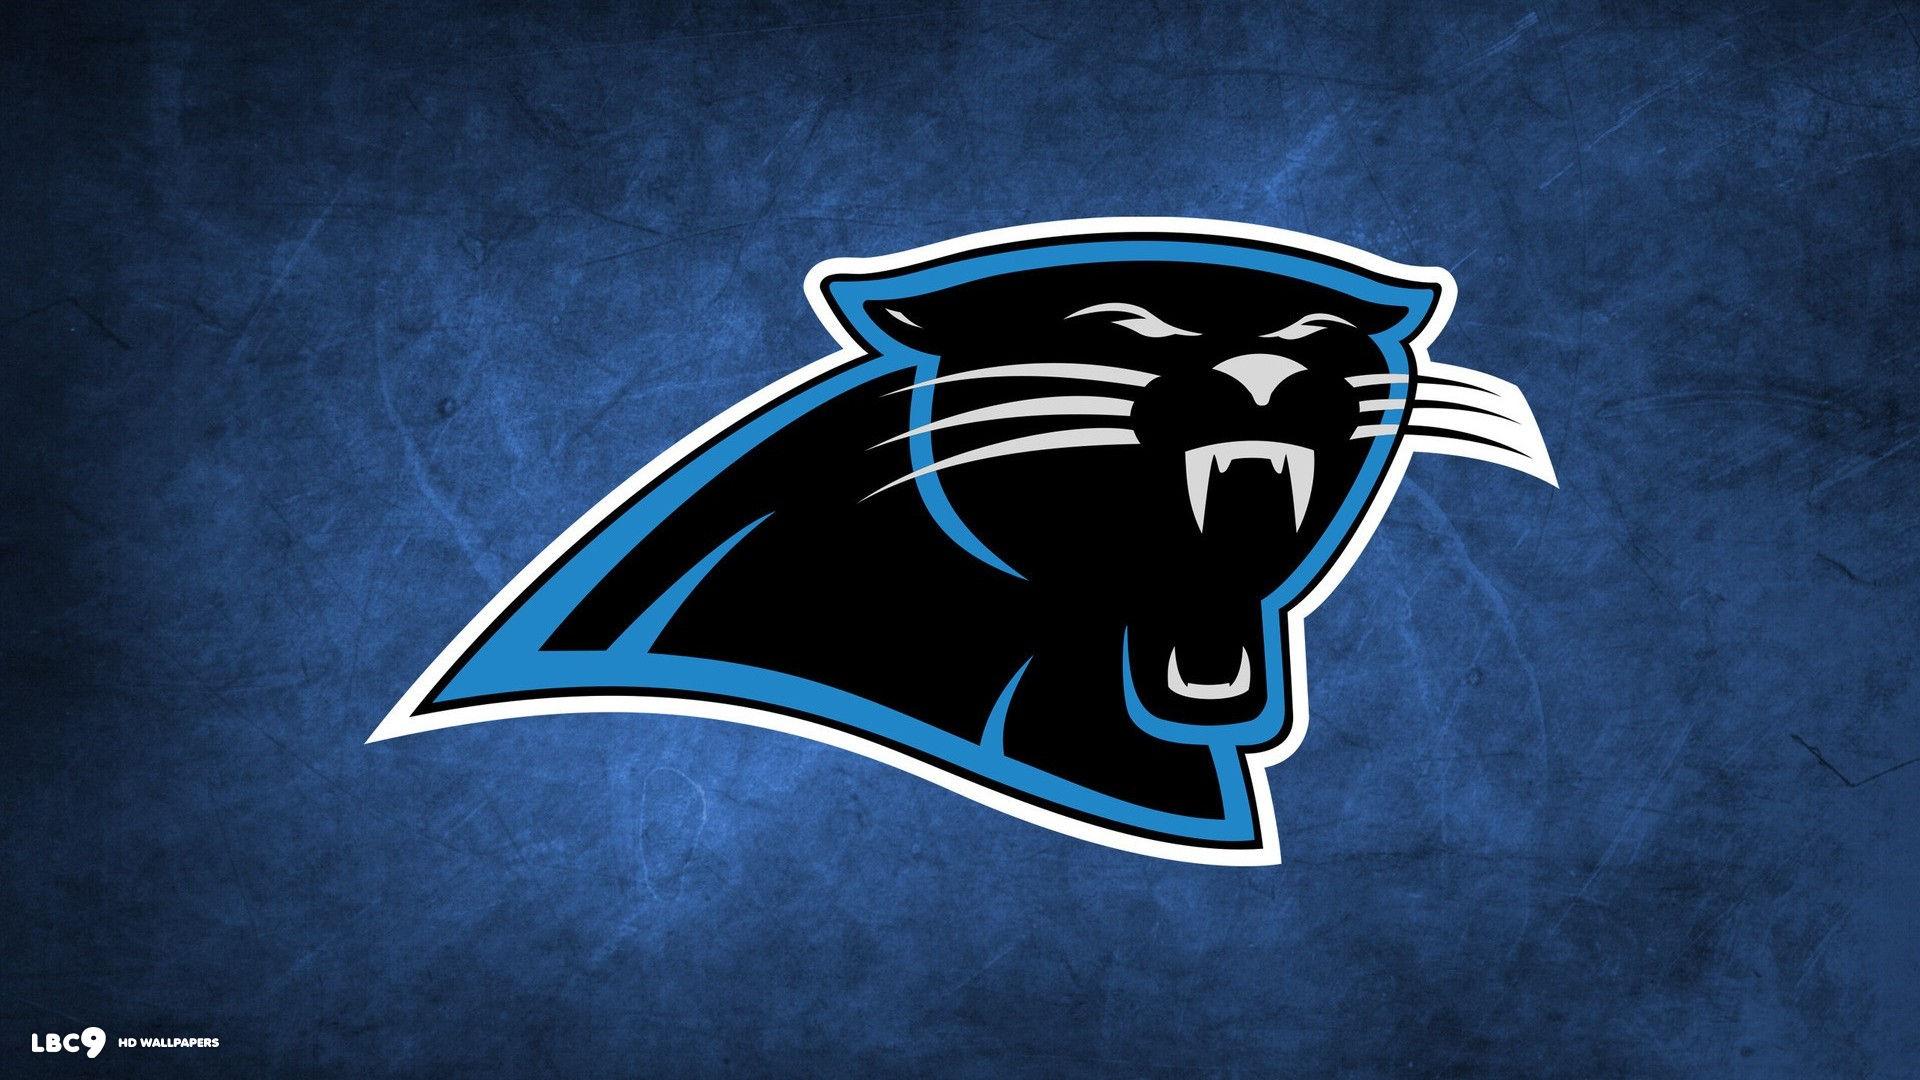 [NFL] Preview 2015: Carolina Panthers